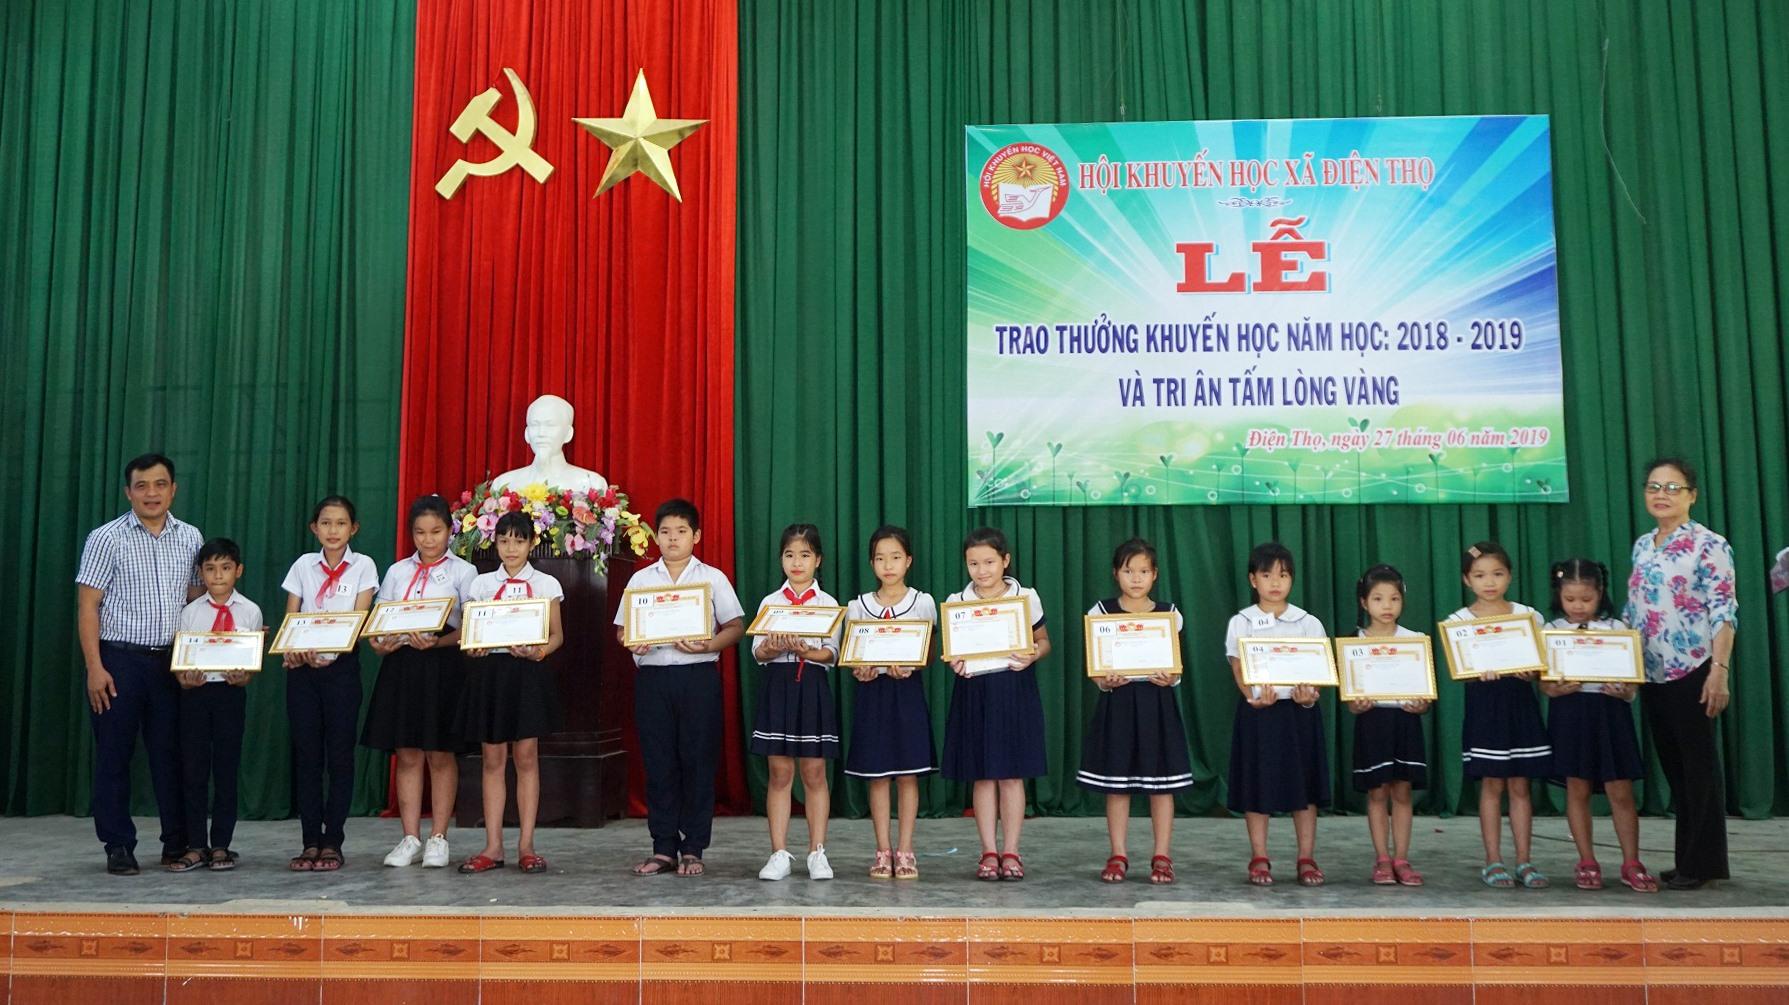 Hội Khuyến học xã Điện Thọ (thị xã Điện Bàn) trao quà cho học sinh nghèo vượt khó học giỏi. Ảnh: N.TRANG